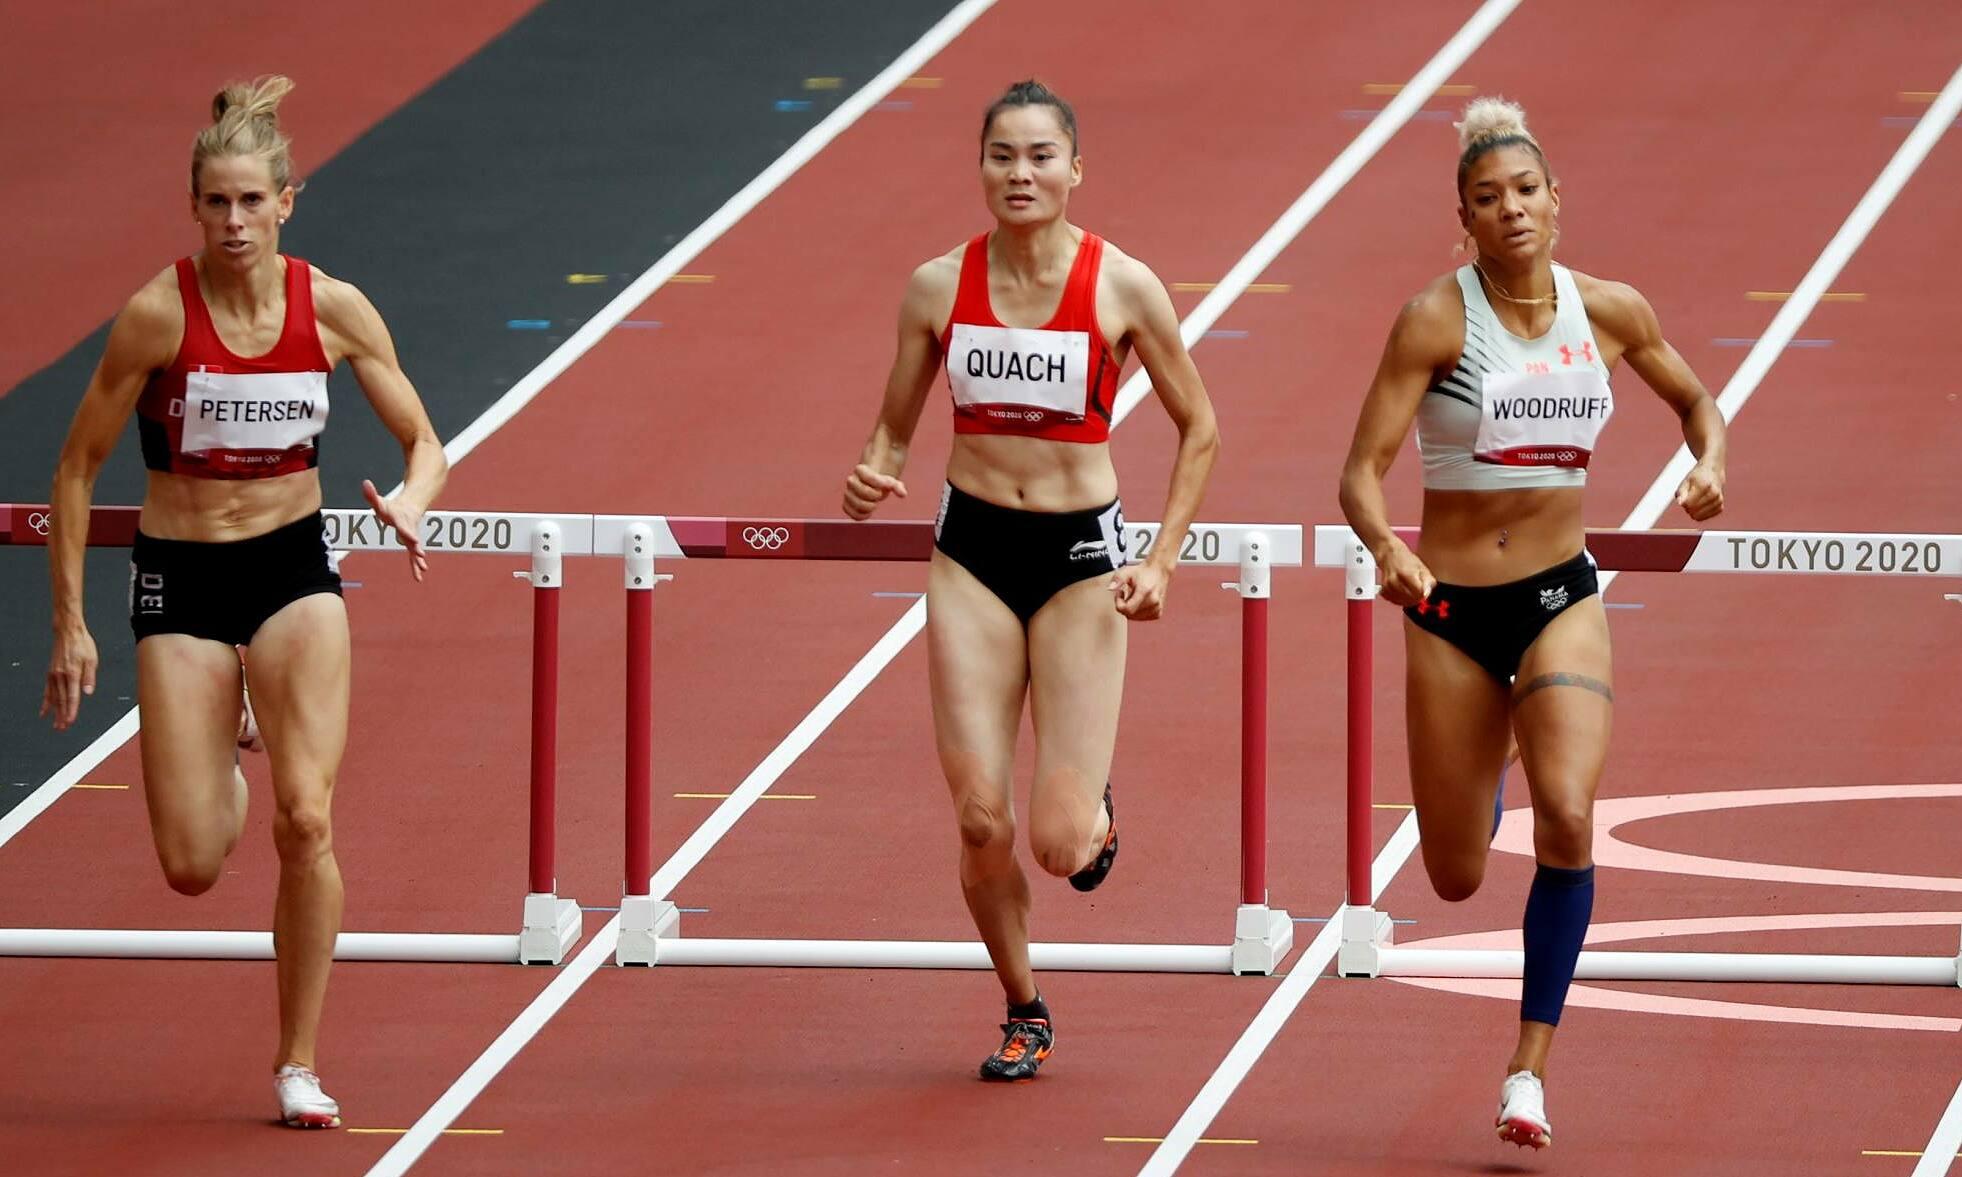 Quach Thi Lan (tengah) dibandingkan dengan Petersen (kiri) dan Woodruff (kanan) untuk sebagian besar balapan, sebelum tertinggal di 100m terakhir.  Foto: Reuters